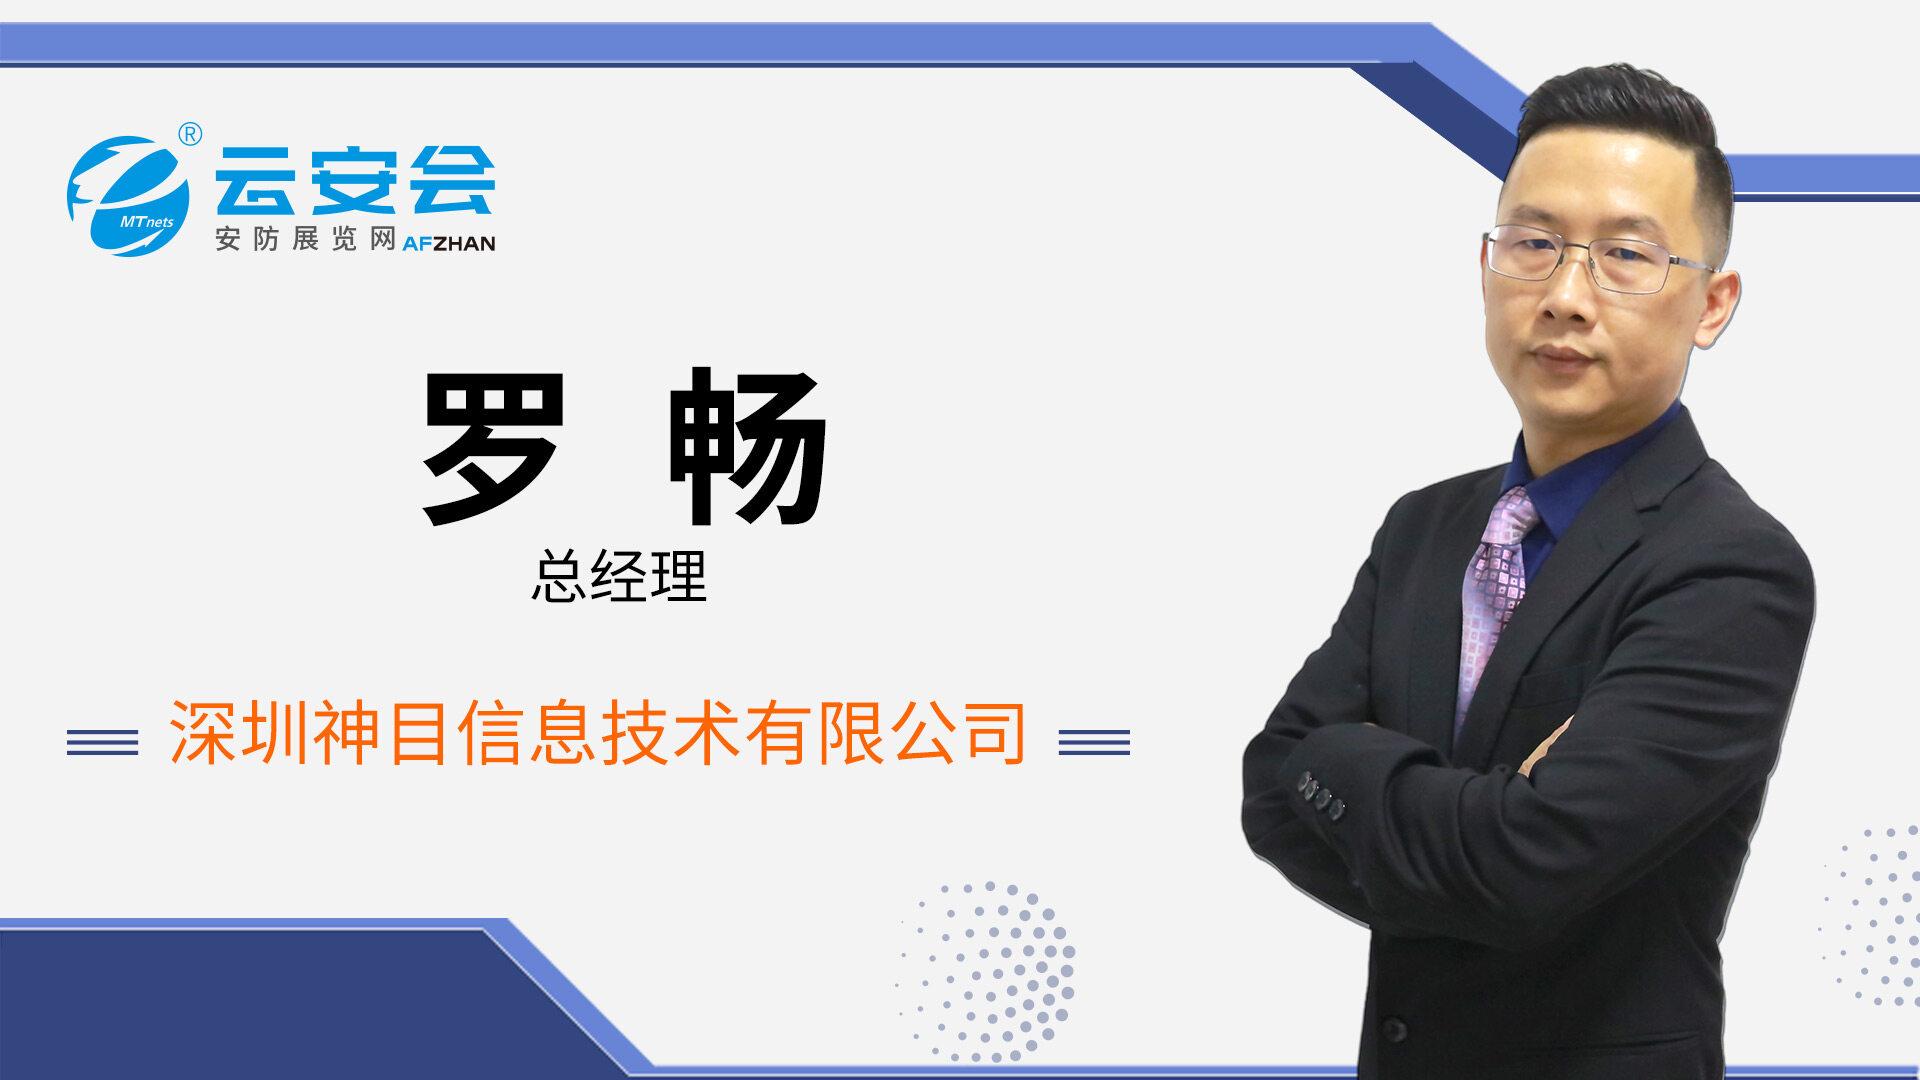 云�L�-�TL深圳神目信息技�g有限公司��理�_��